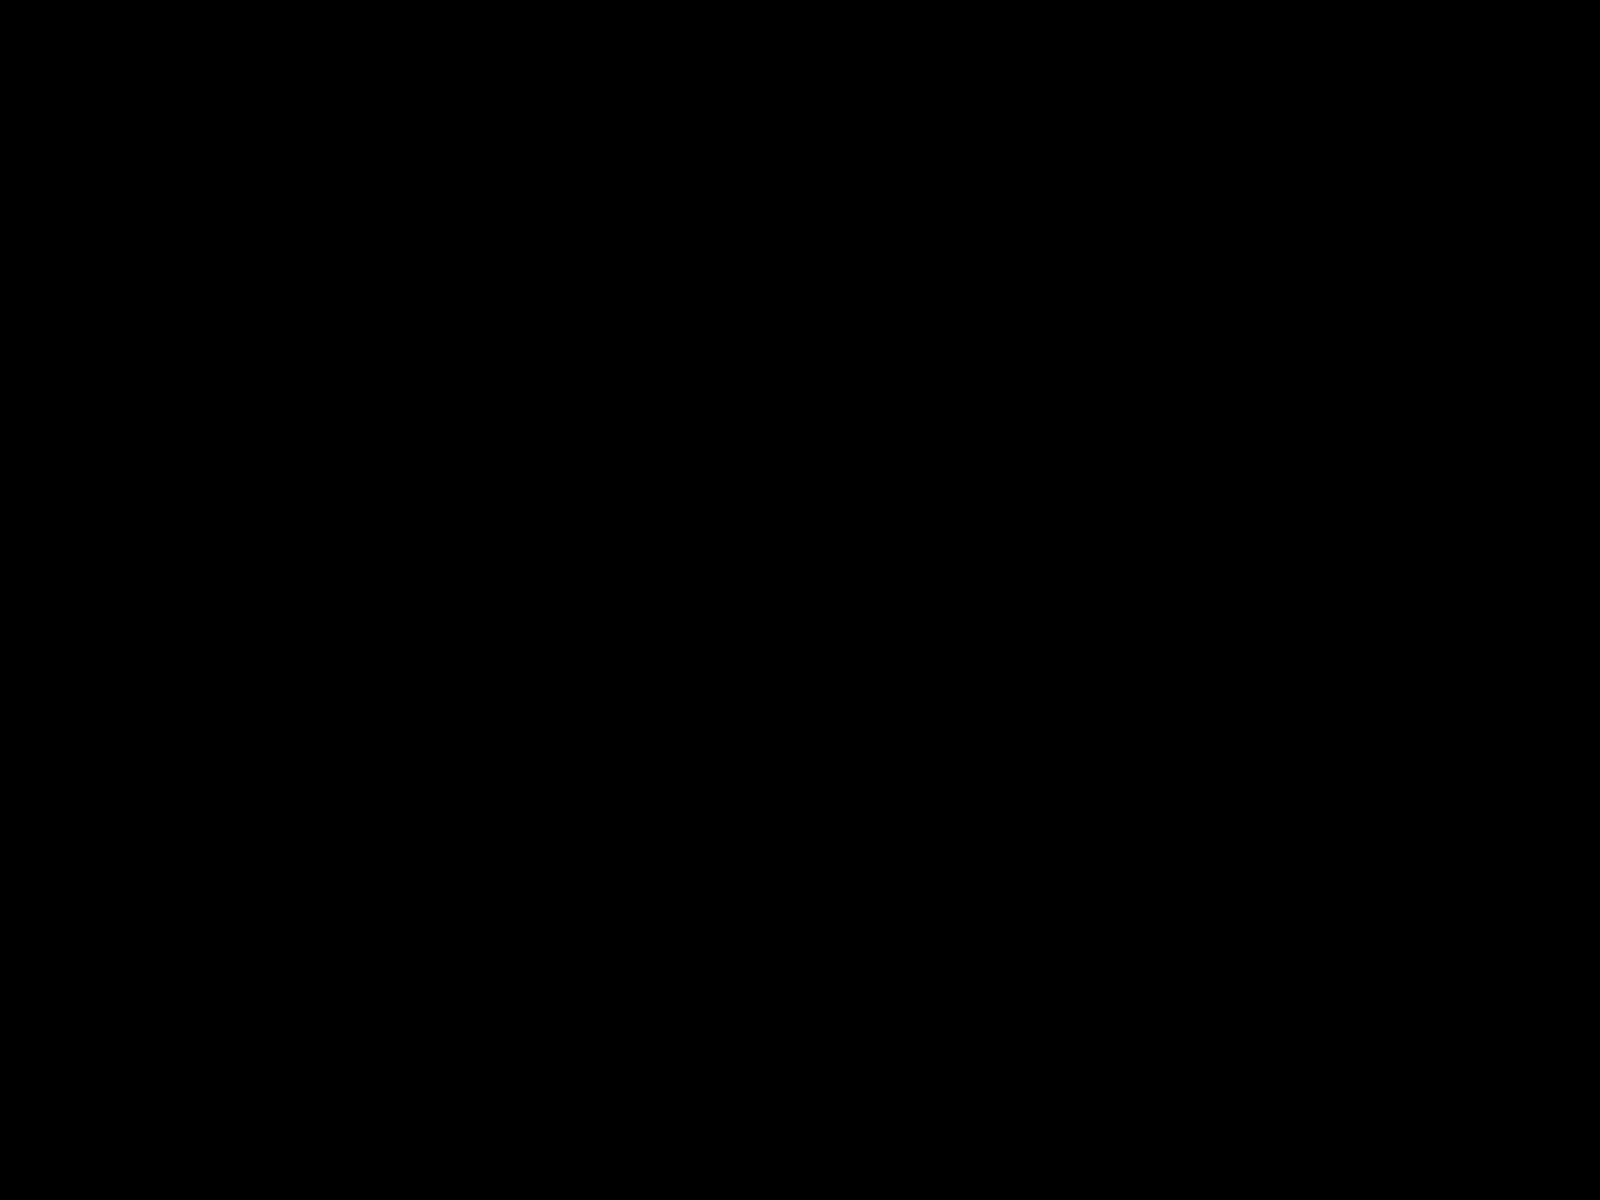 SHIITAKE FRESCO